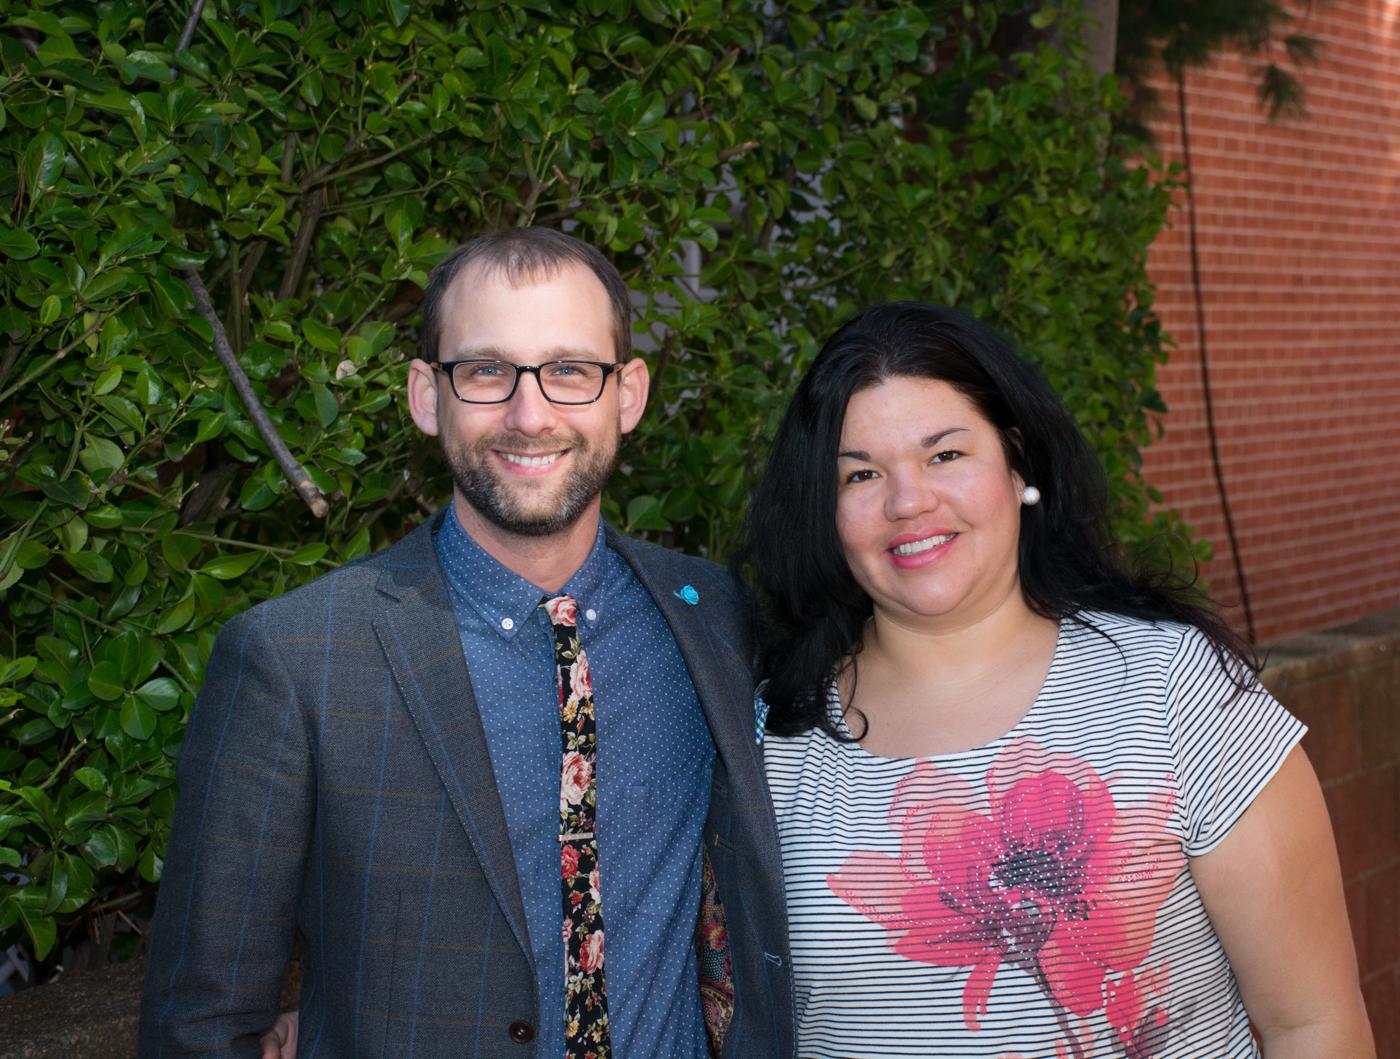 Ashley Minner & Sean Scheidt by Jim Sandoz